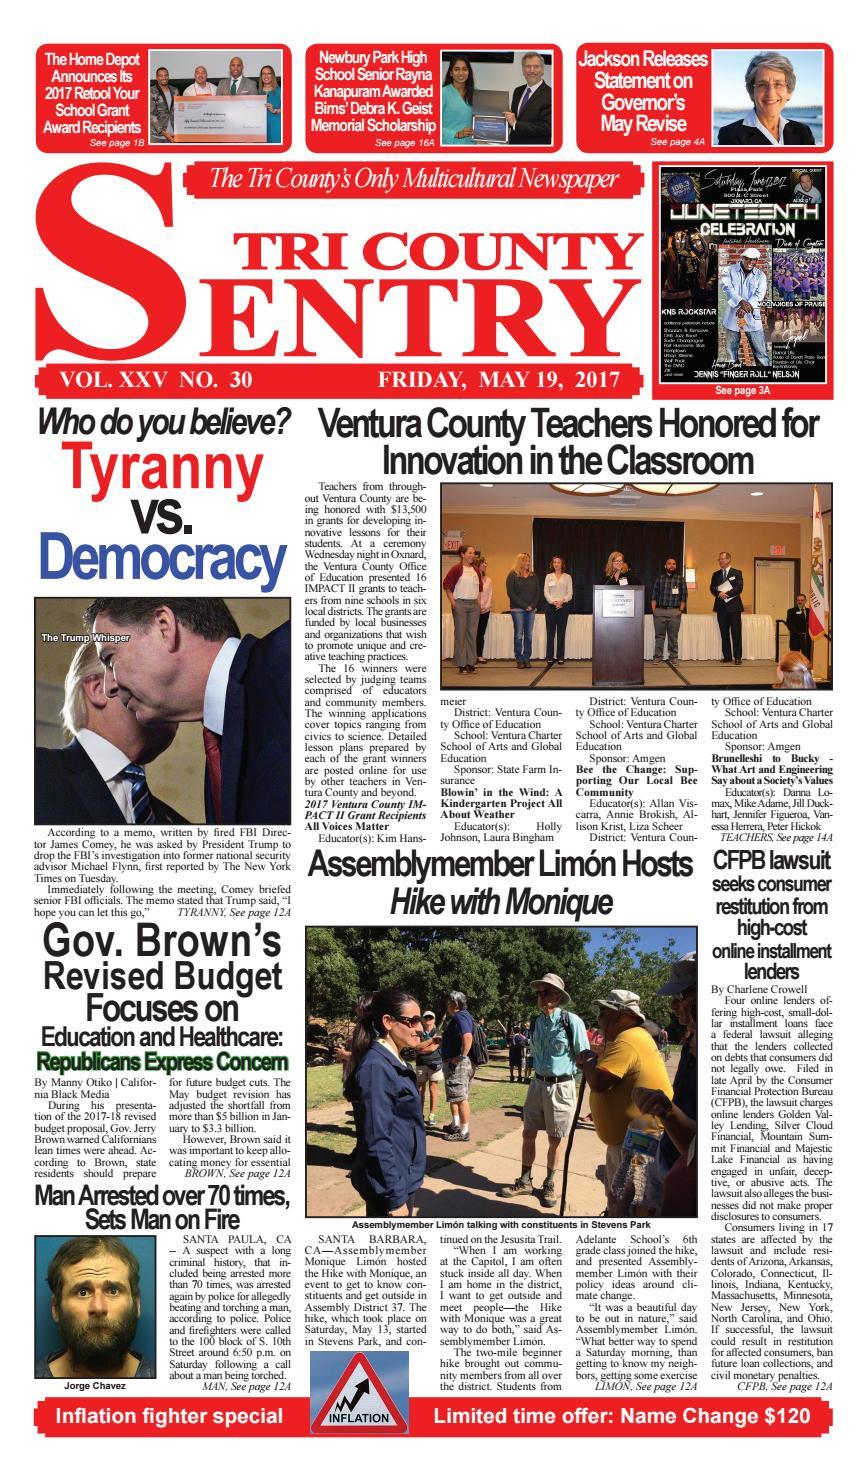 e175e0d7b06 Tri County Sentry by Tri County Sentry - issuu